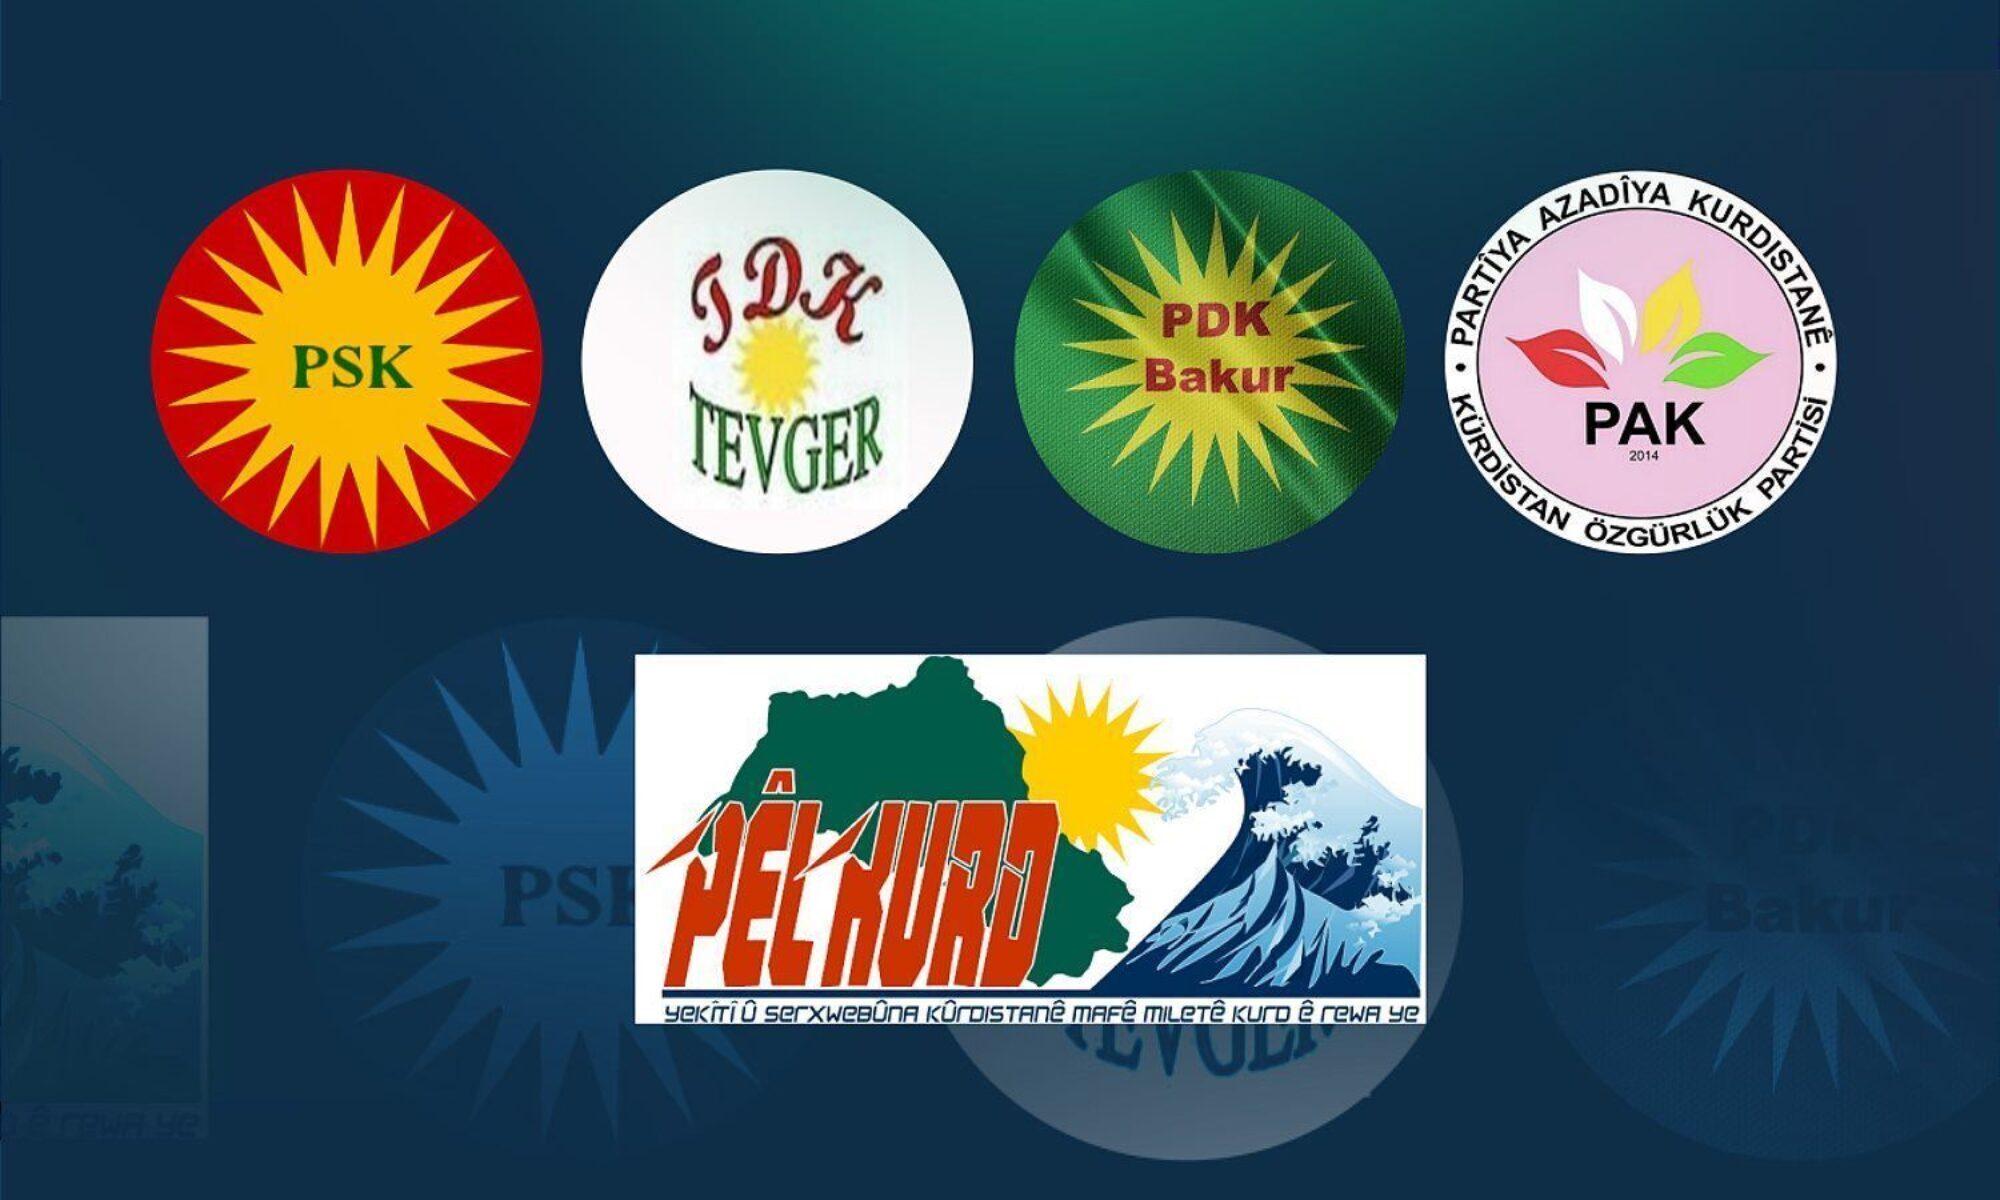 Kürdistani Partiler: Türk devletini yönetenler izledikleri ırkçı ve Kürt karşıtı politika ile Konya'daki Kürt katliamının yolunu döşemişlerdir